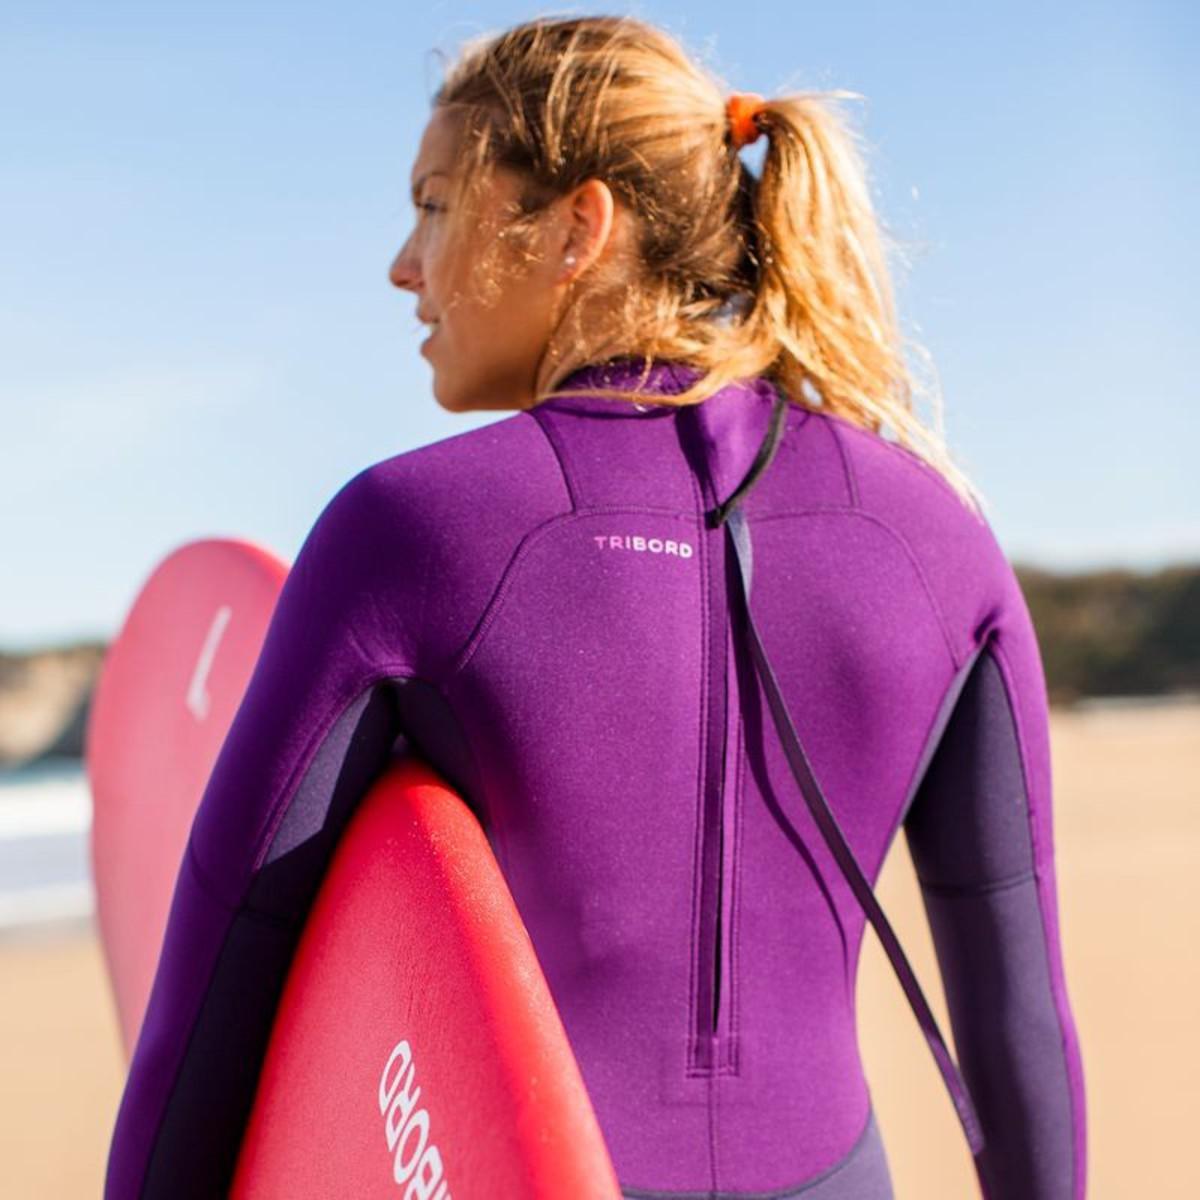 Bild 5 von TRIBORD Neoprenanzug Surfen 100 Neopren 2/2mm Damen violett, Größe: XS